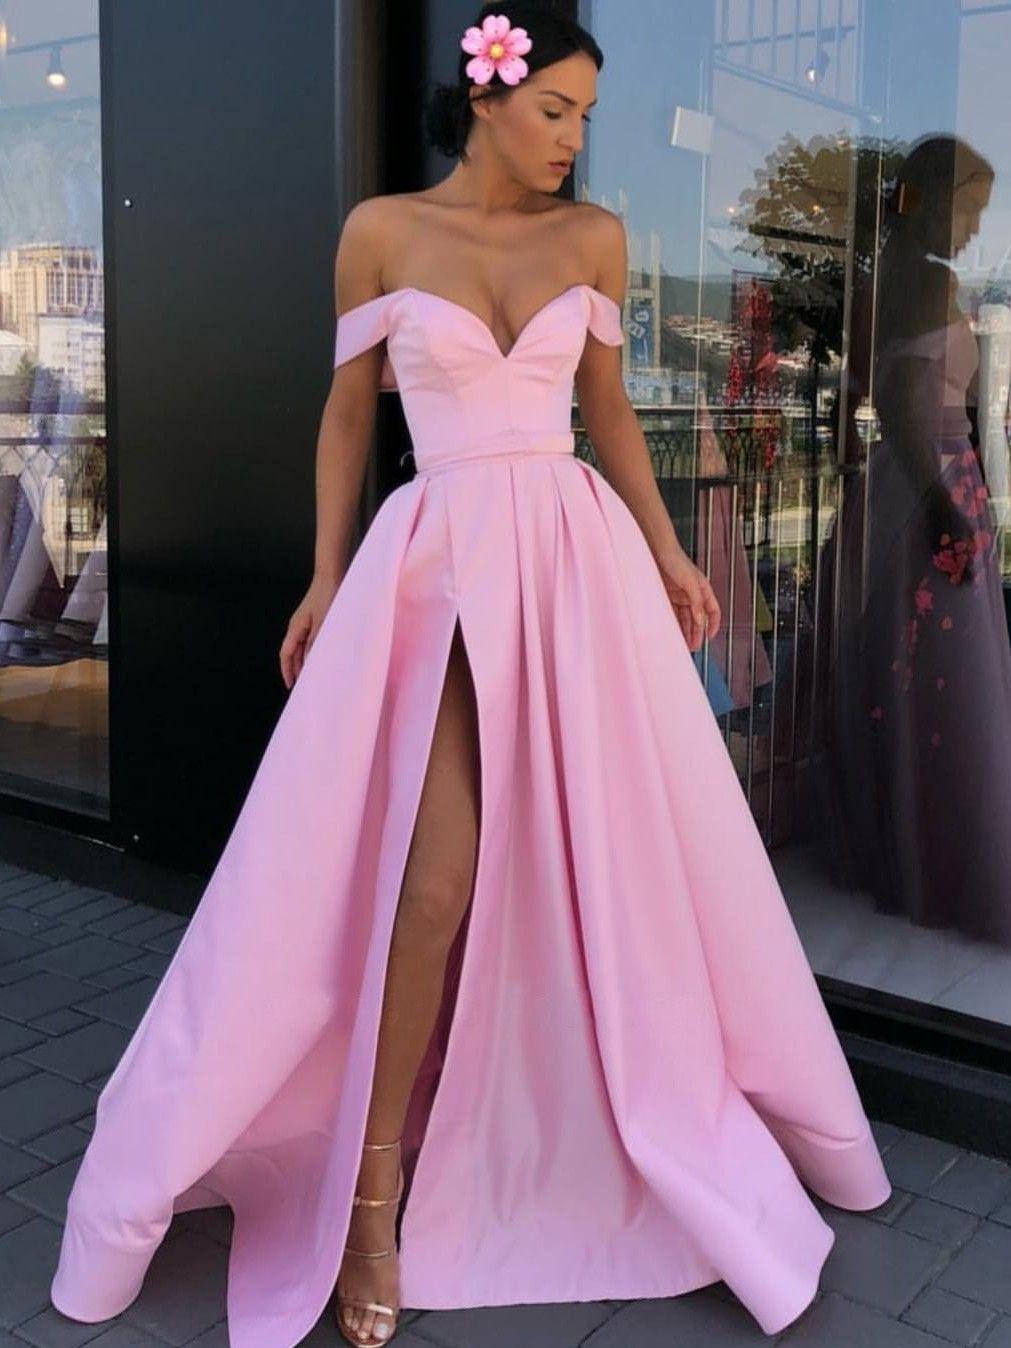 3e2f727ee Chica modelando un vestido de fiesta corte princesa de color rosa